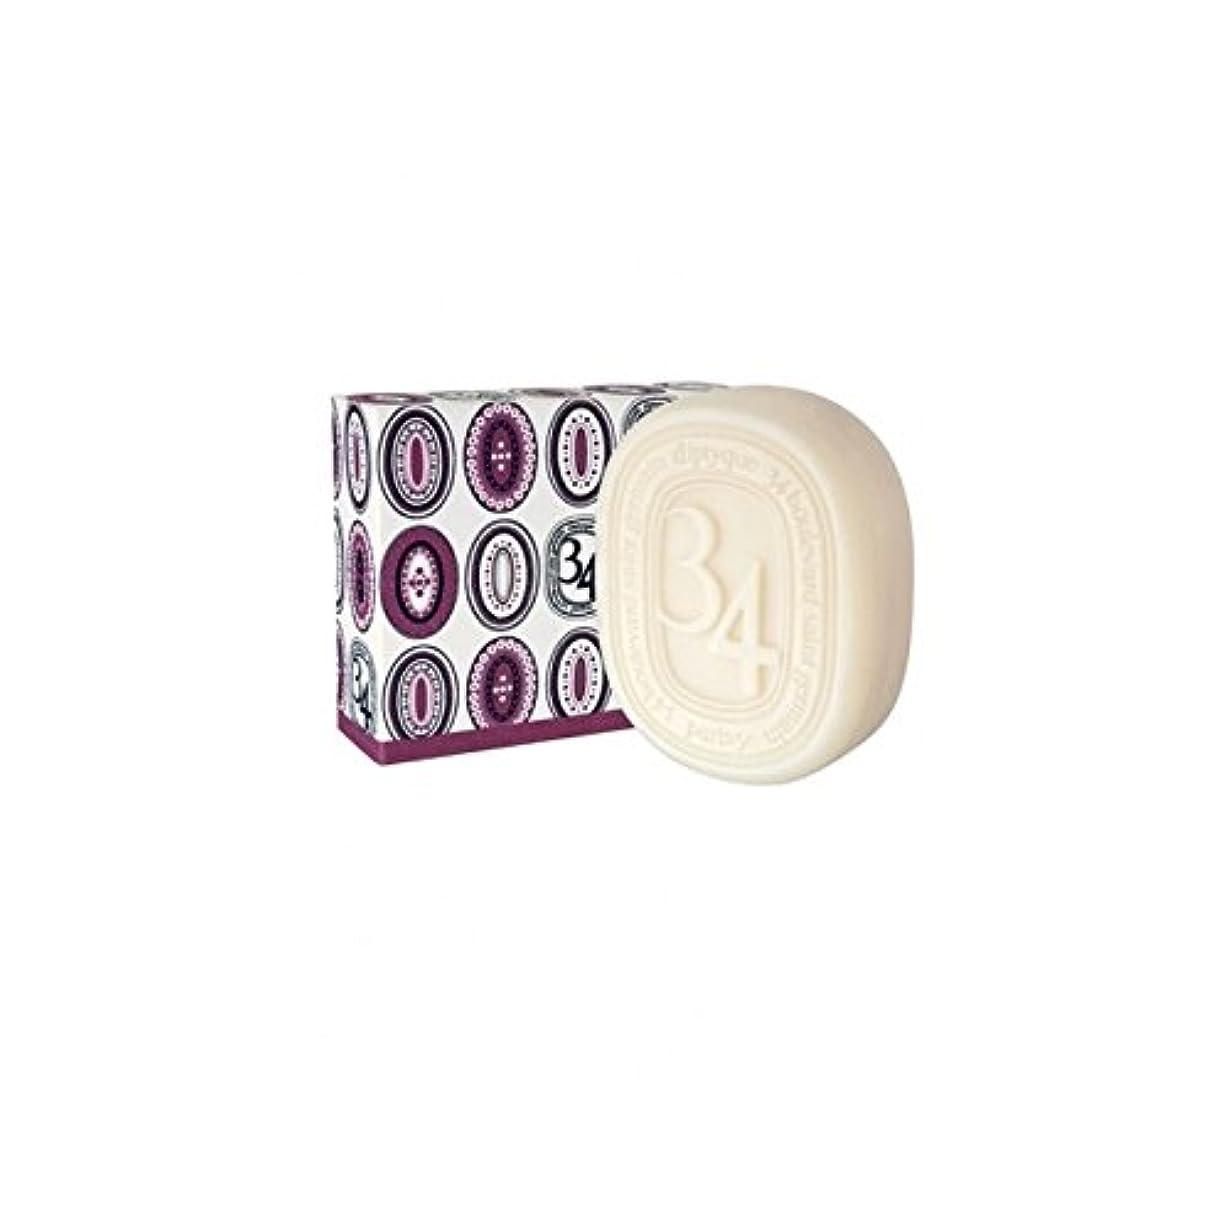 アマチュア廃止する単にDiptyqueコレクション34大通りサンジェルマン石鹸100グラム - Diptyque Collection 34 Boulevard Saint Germain Soap 100g (Diptyque) [並行輸入品]